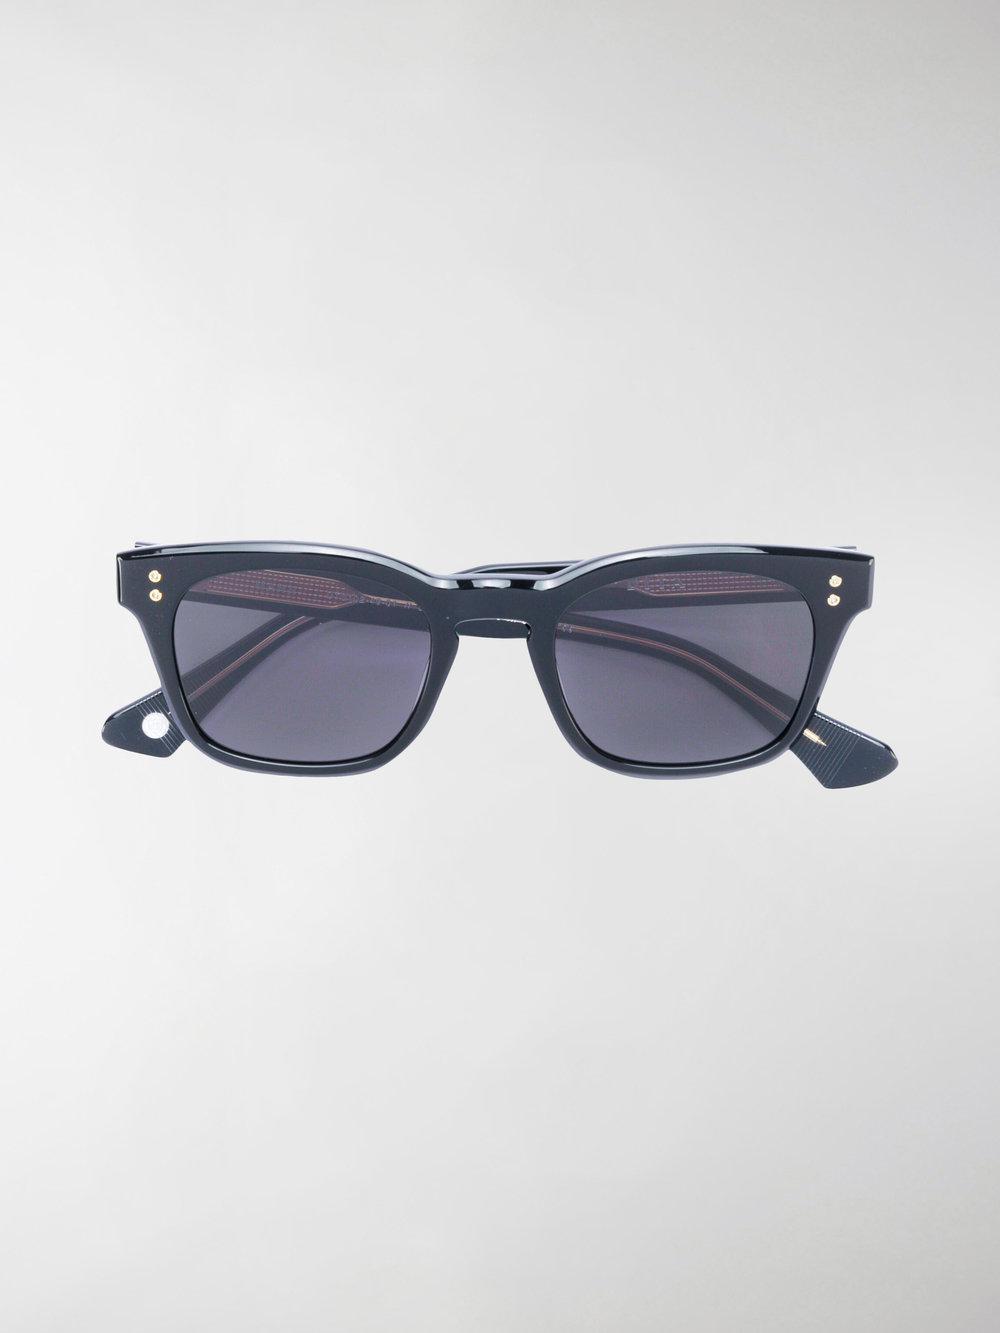 f906e819e0c Lyst - Dita Eyewear Mann Sunglasses in Black for Men